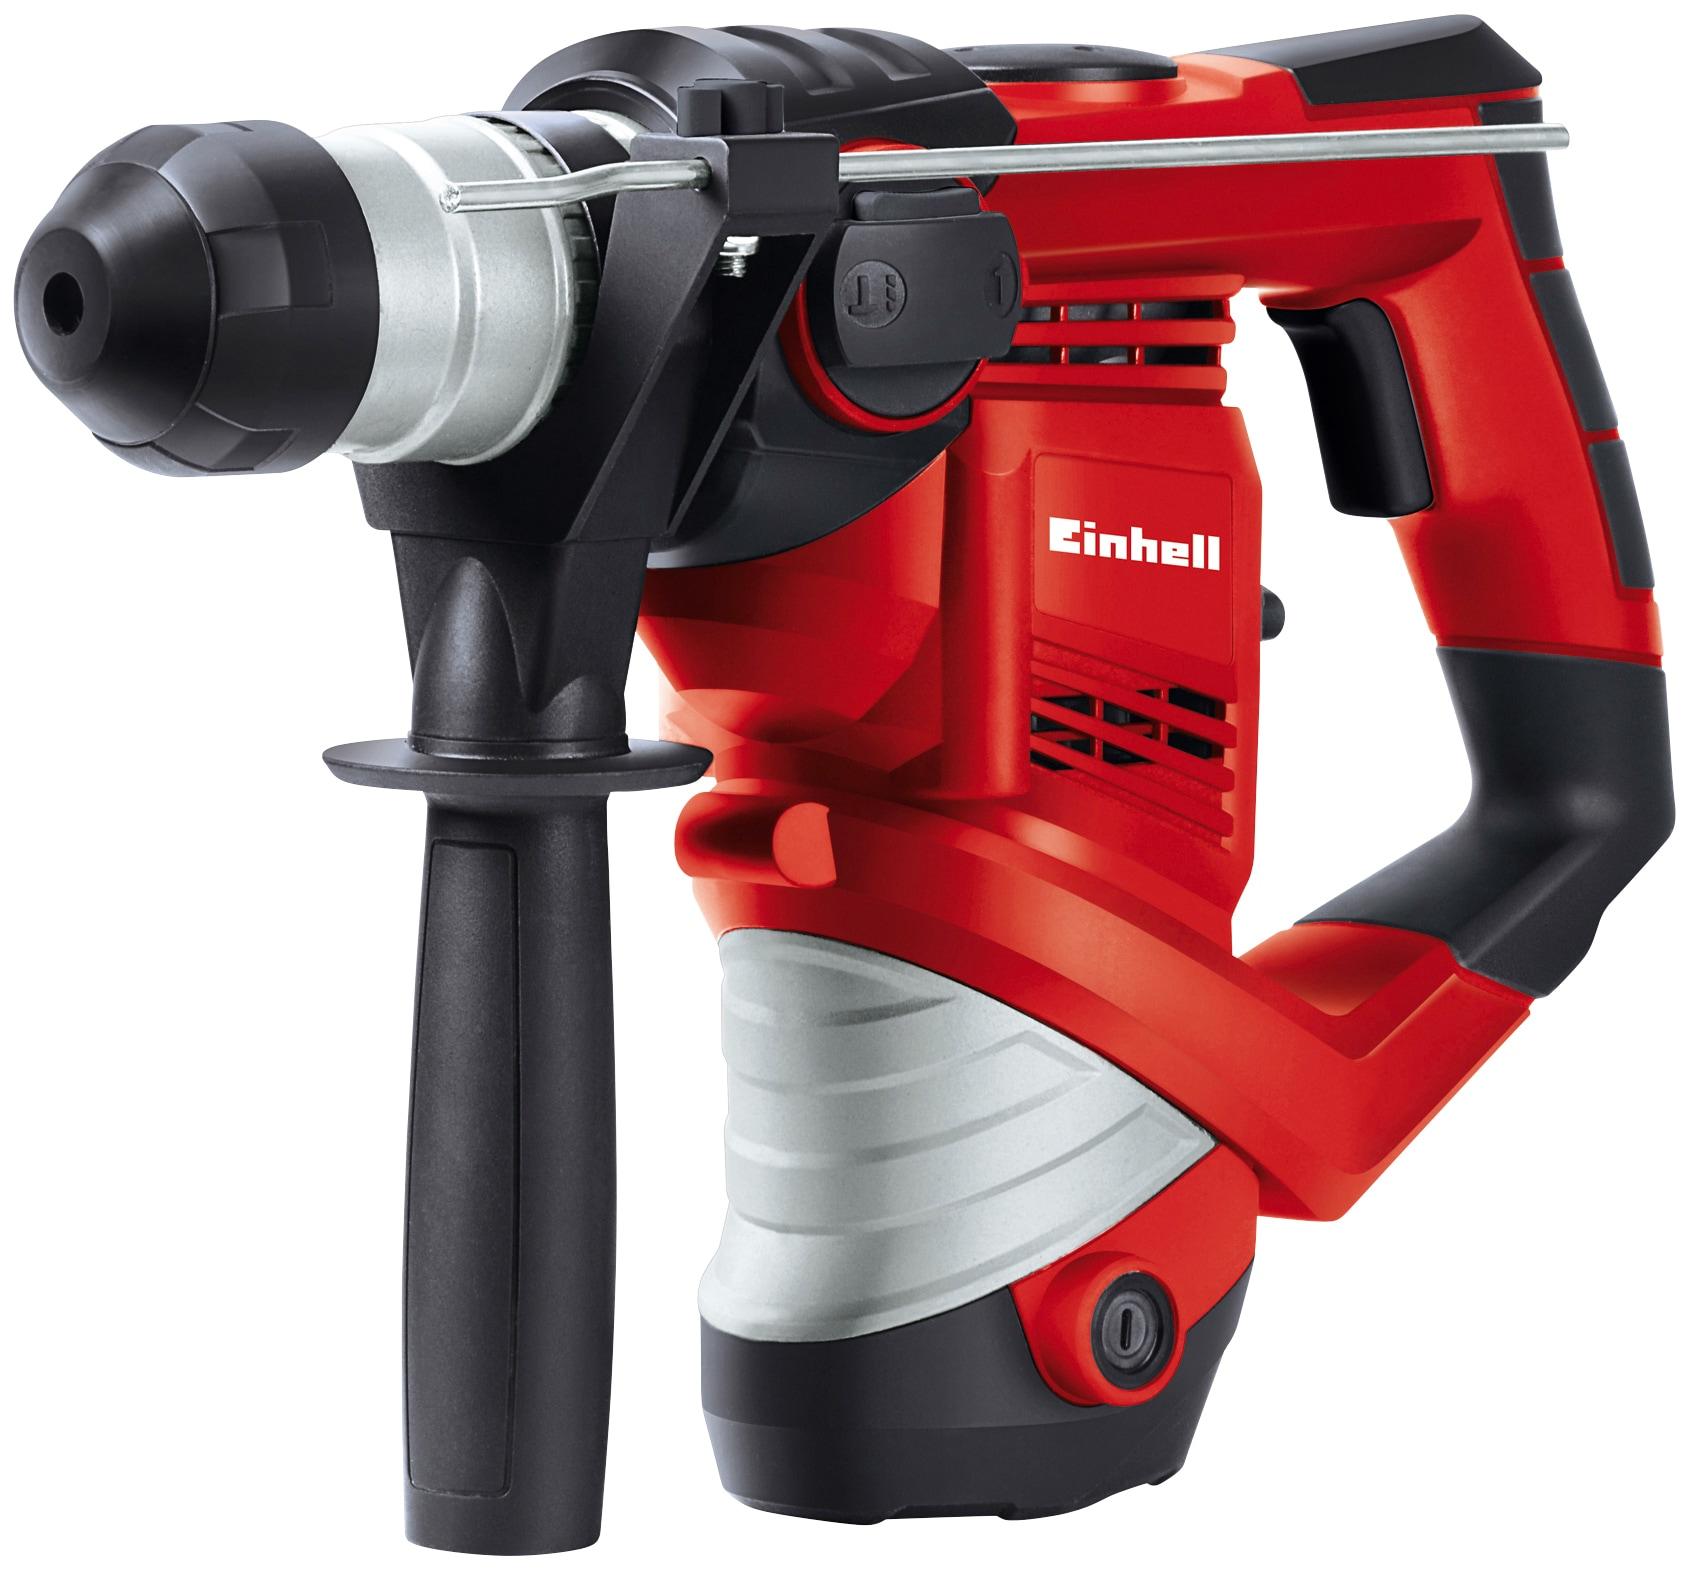 Einhell Bohrhammer TH-RH 900/1 rot Bohrmaschinen Werkzeug Maschinen